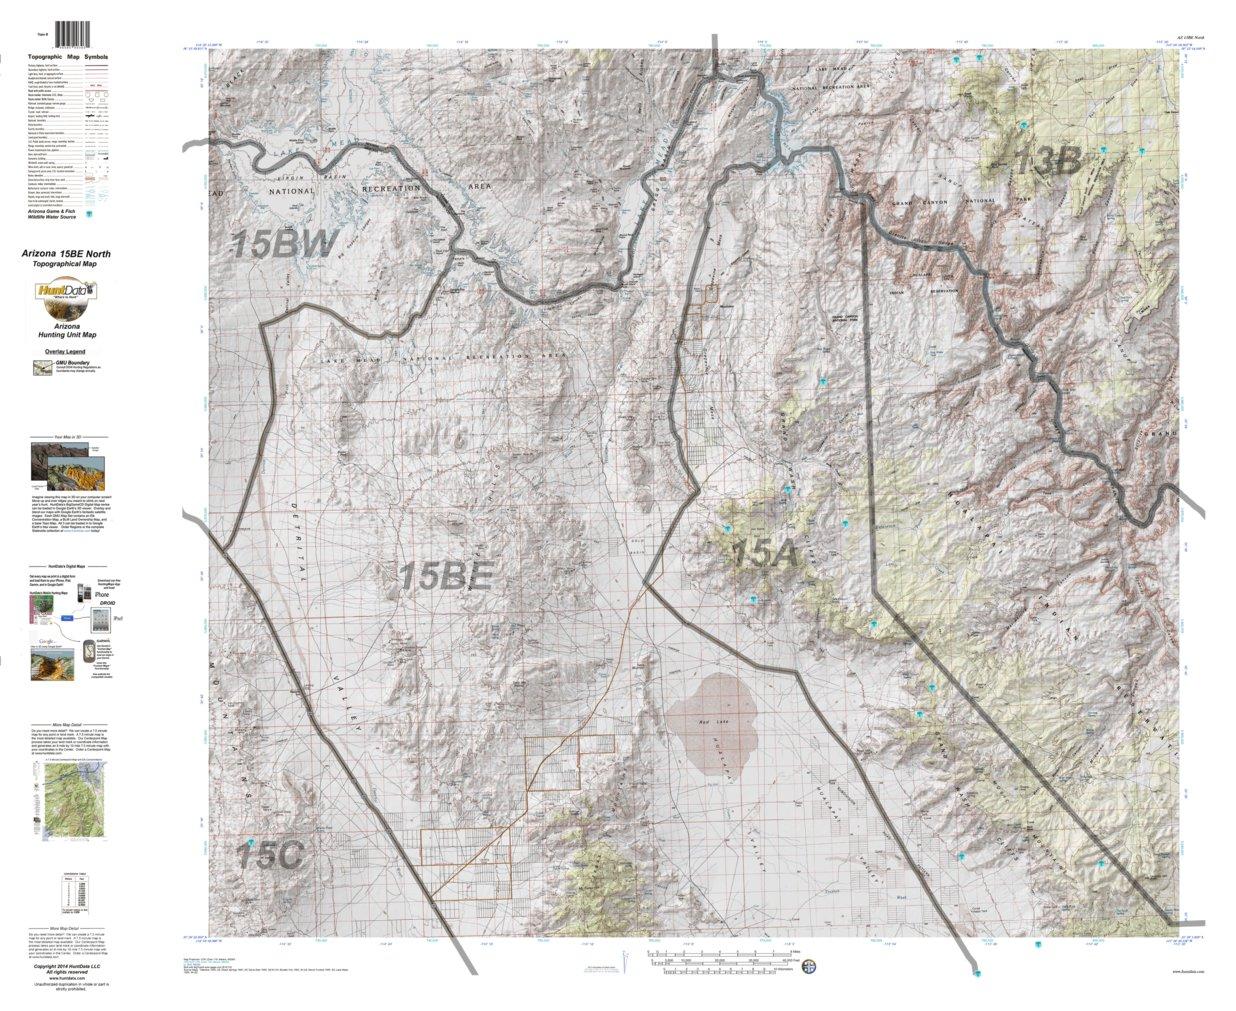 North Arizona Map.Huntdata Arizona Hunt Unit 15b North Topo Map Huntdata Llc